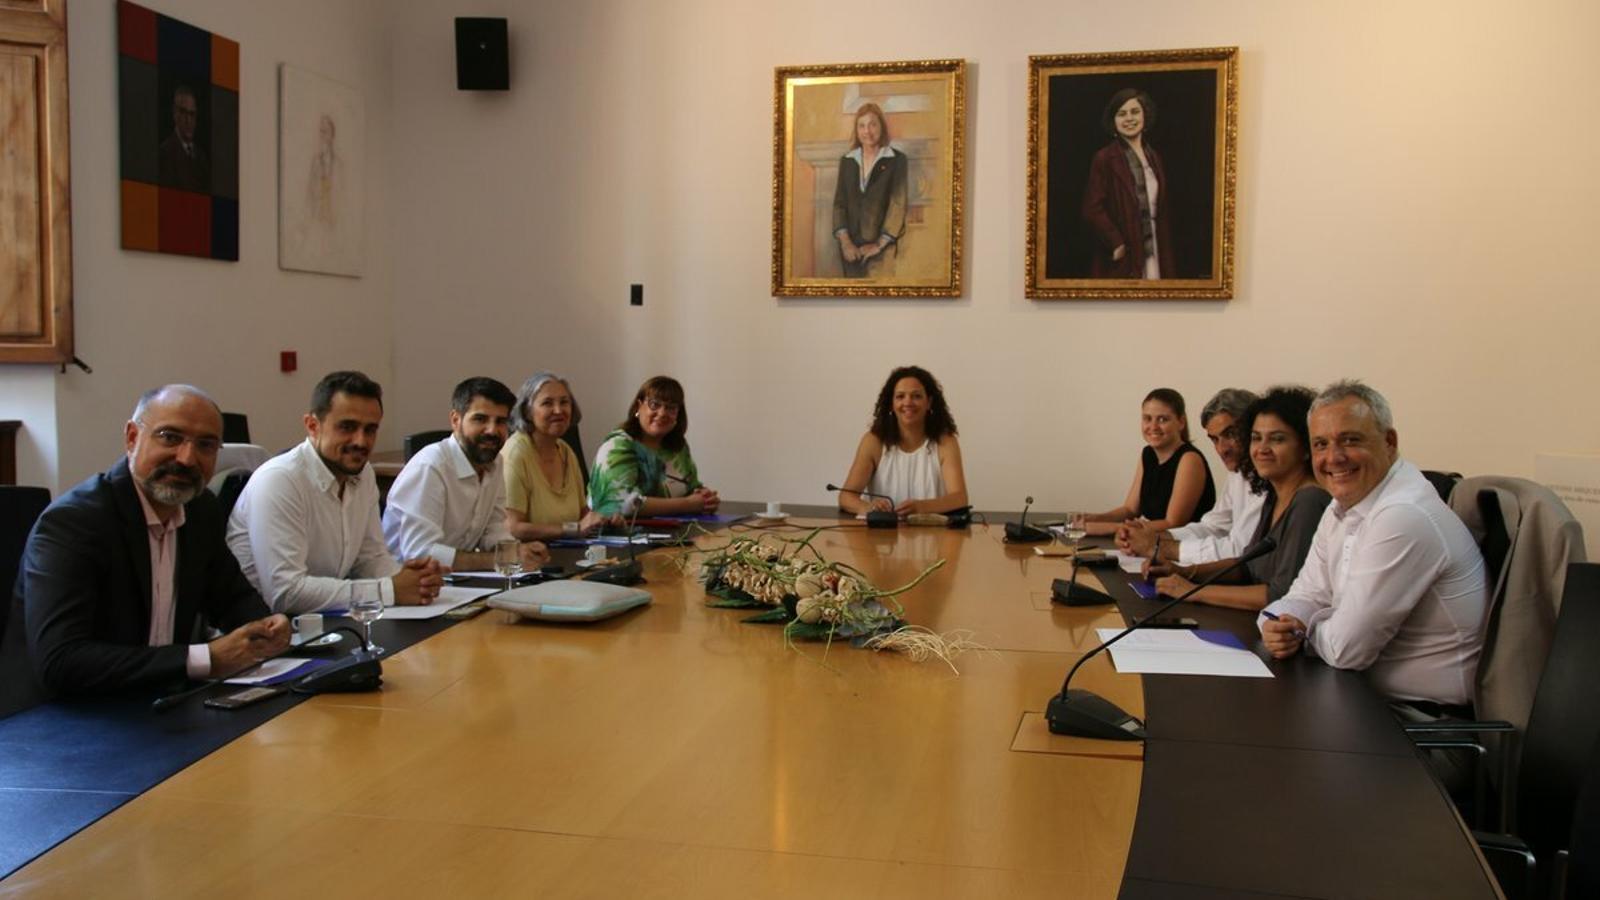 La presidenta del Consell de Mallorca, Catalina Cladera, amb els consellers insulars que integren l'equip de Govern